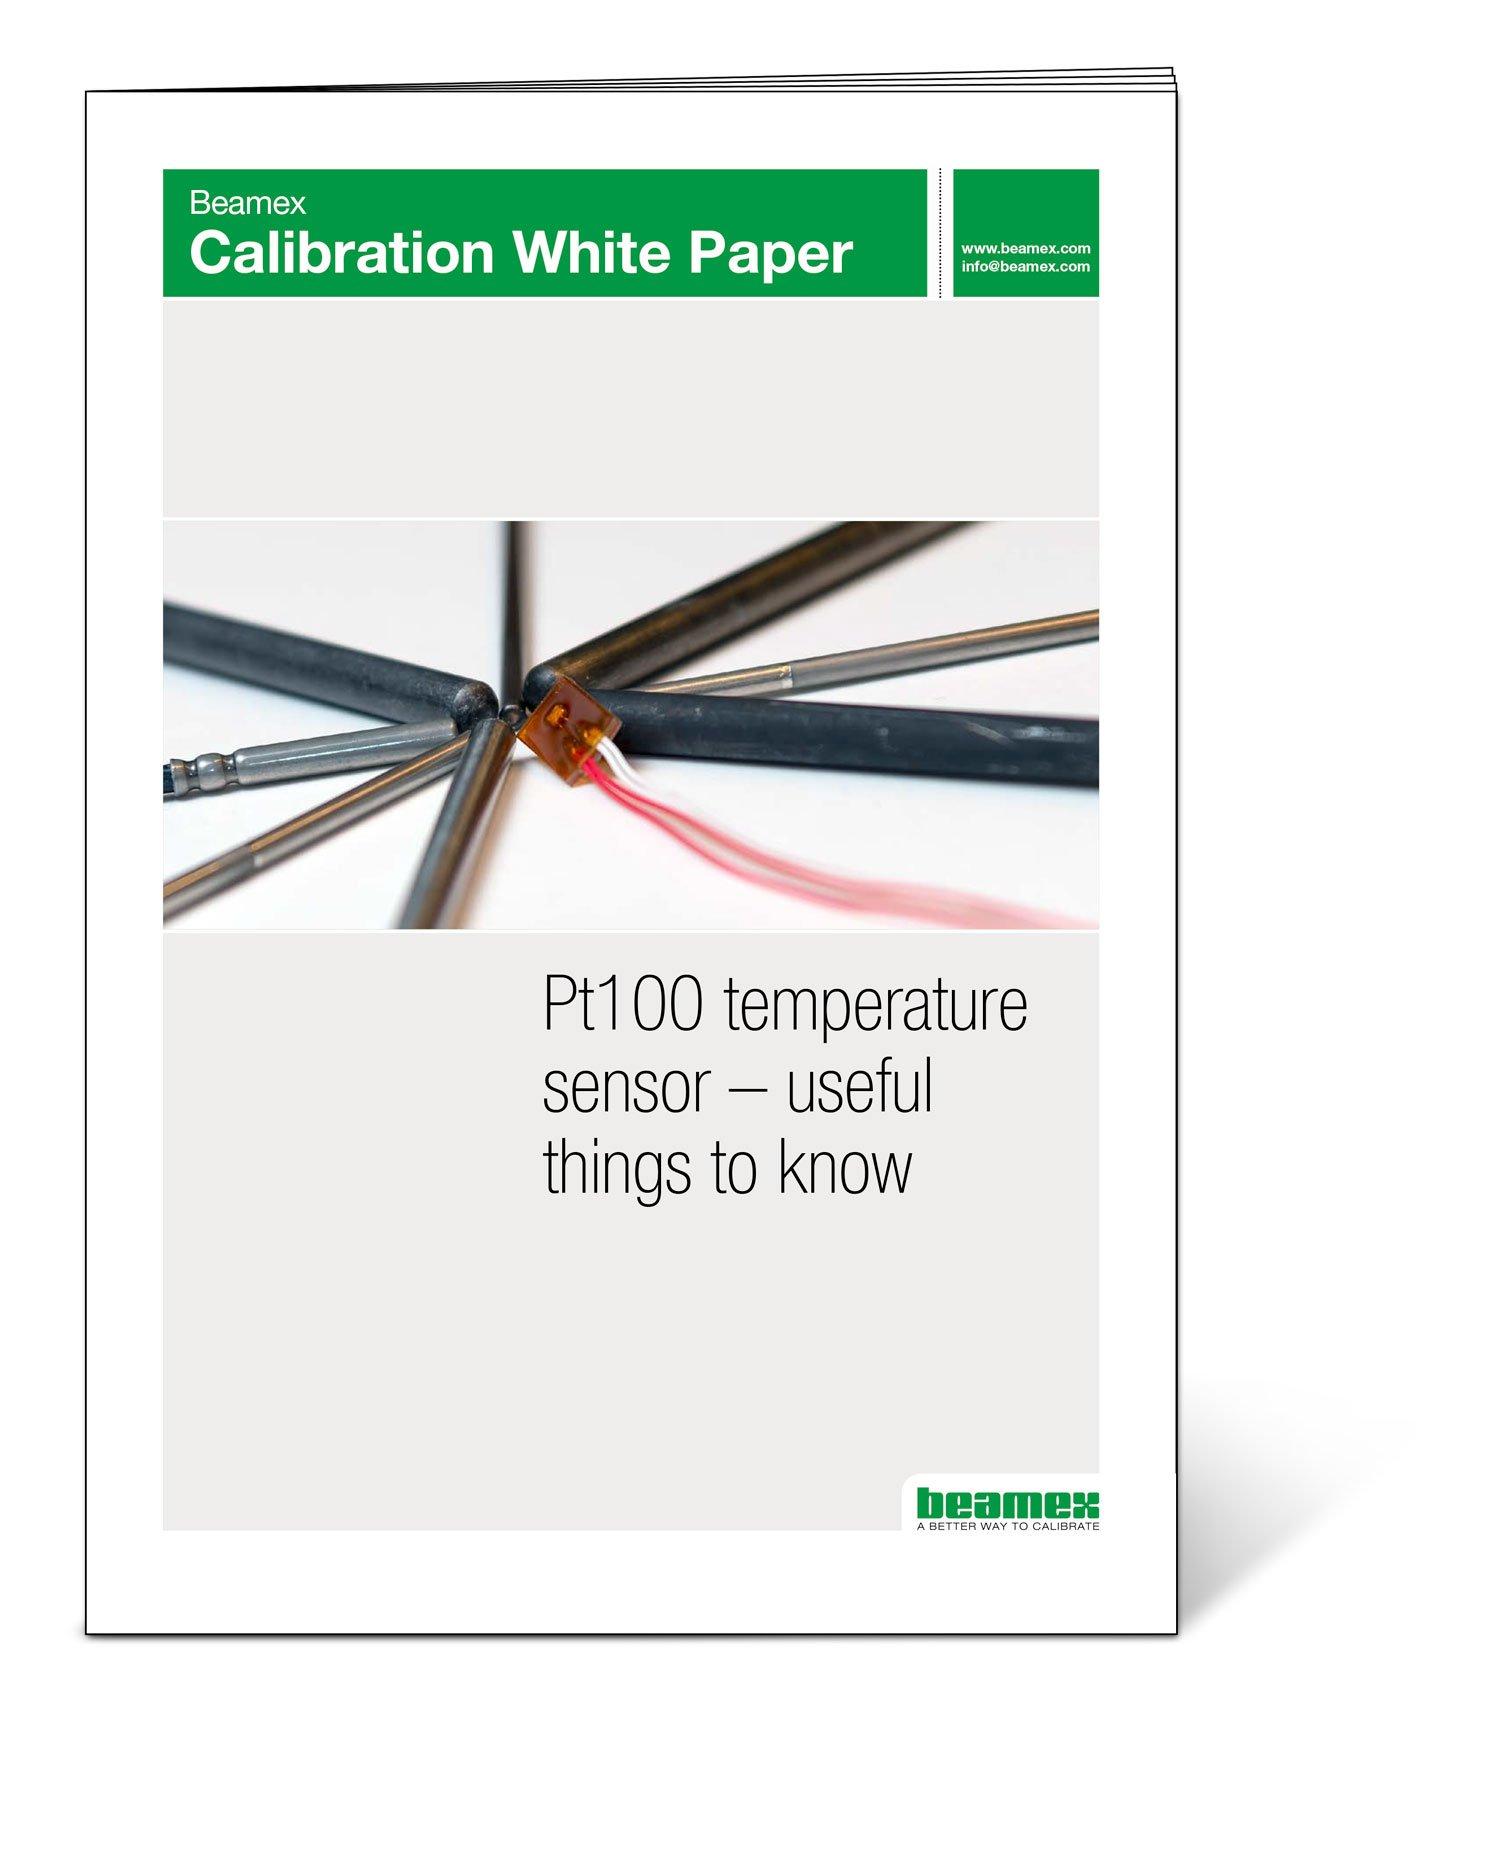 Beamex-WP-Pt100-temperature-sensor-1500px-v1